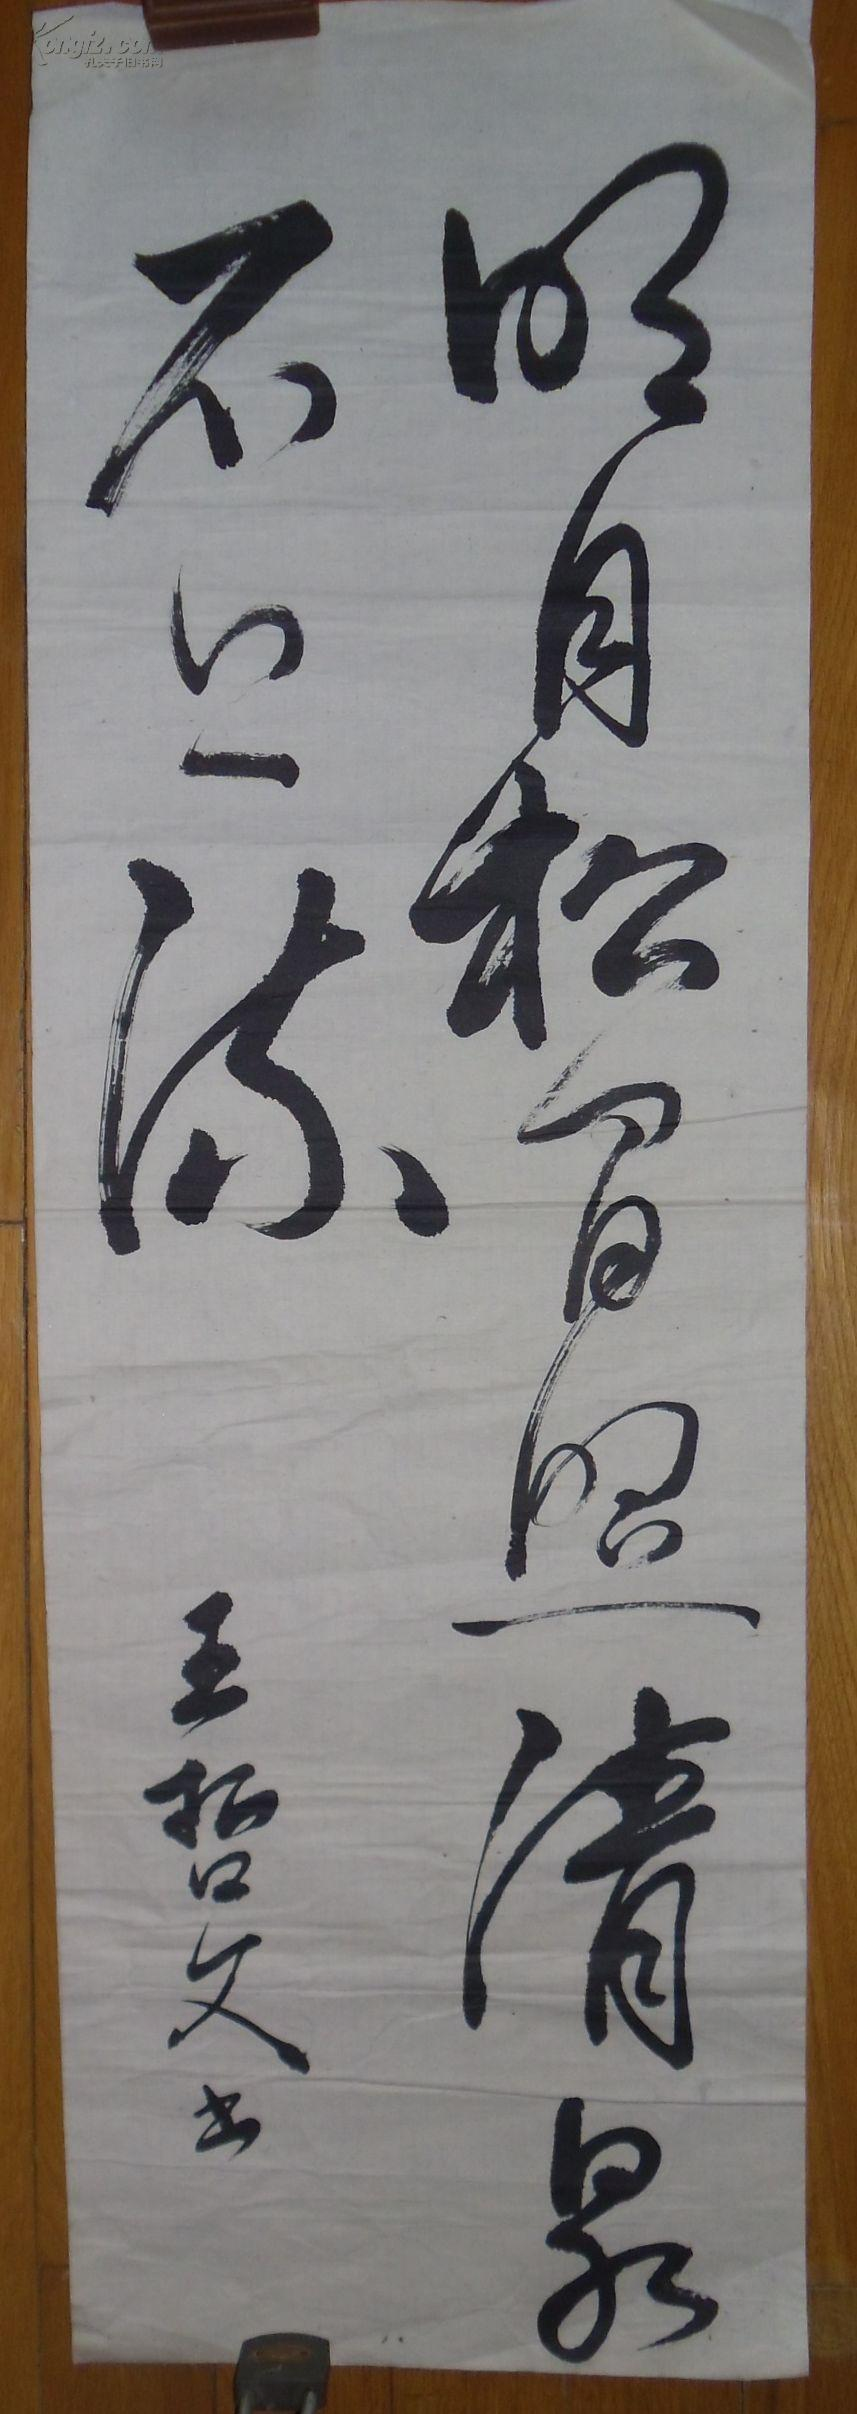 天津王哲文作品:草书《明月松间照,清泉石上流》托片